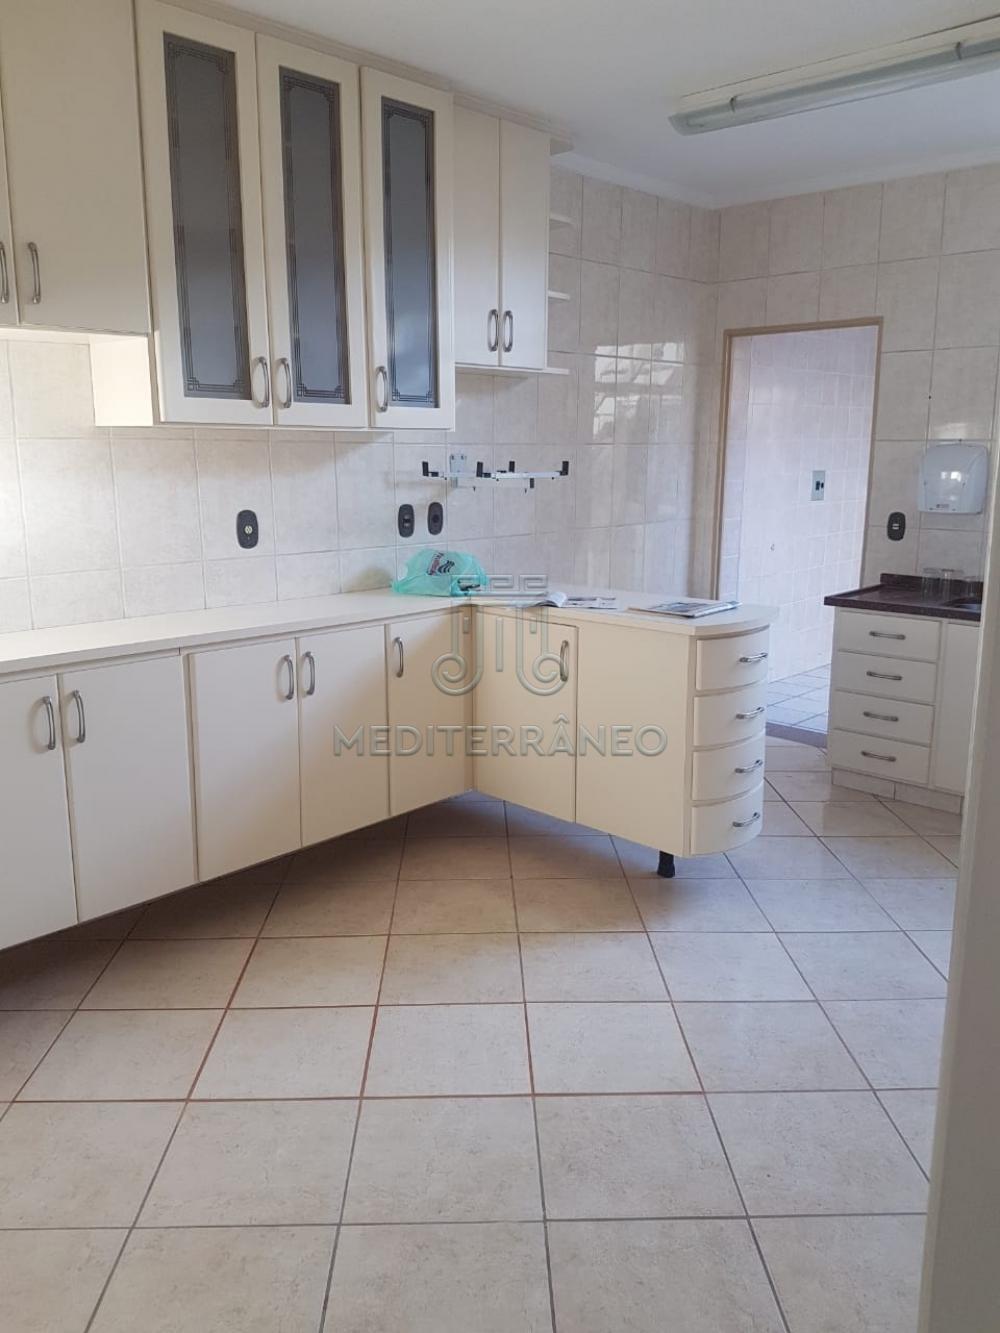 Alugar Casa / Padrão em Jundiaí apenas R$ 4.000,00 - Foto 18